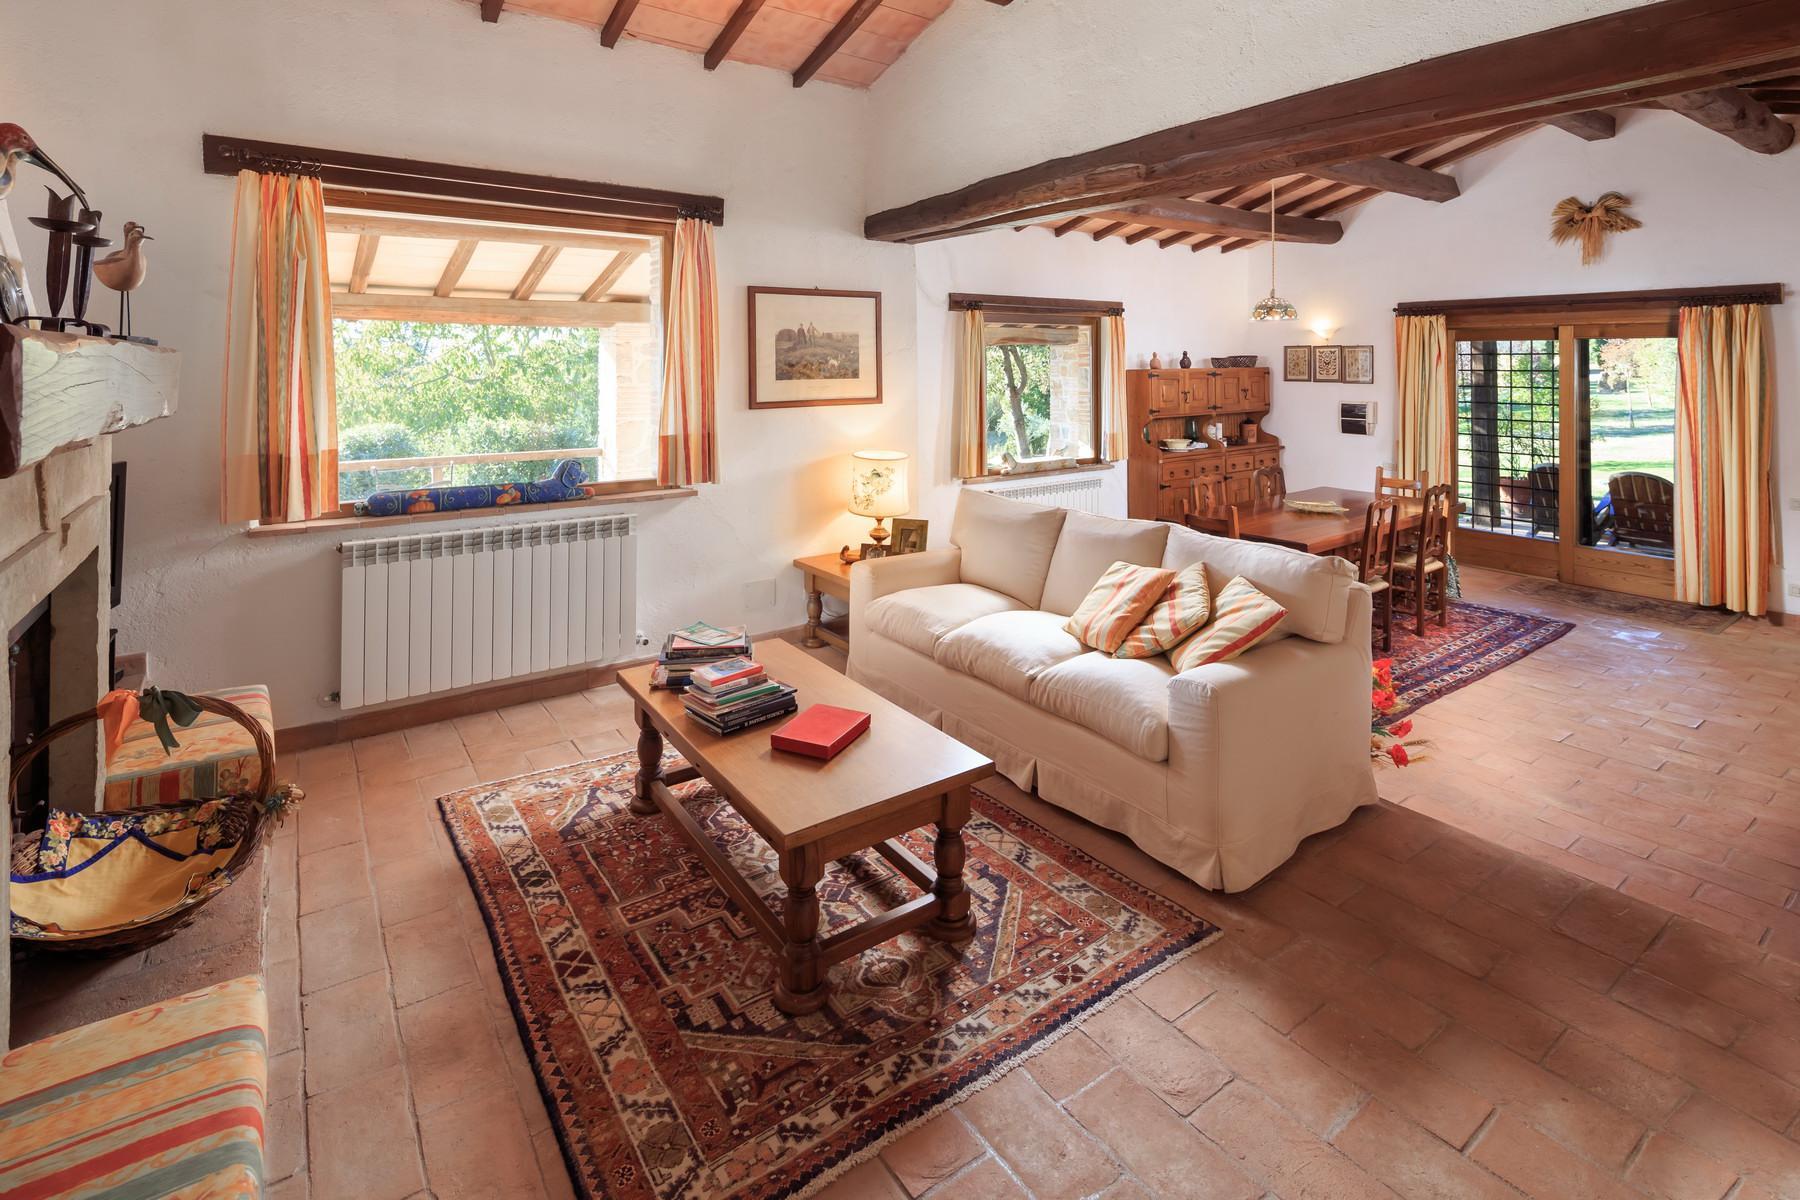 俯瞰Saturnia和周边优美景致的农舍且享有副楼 - 24